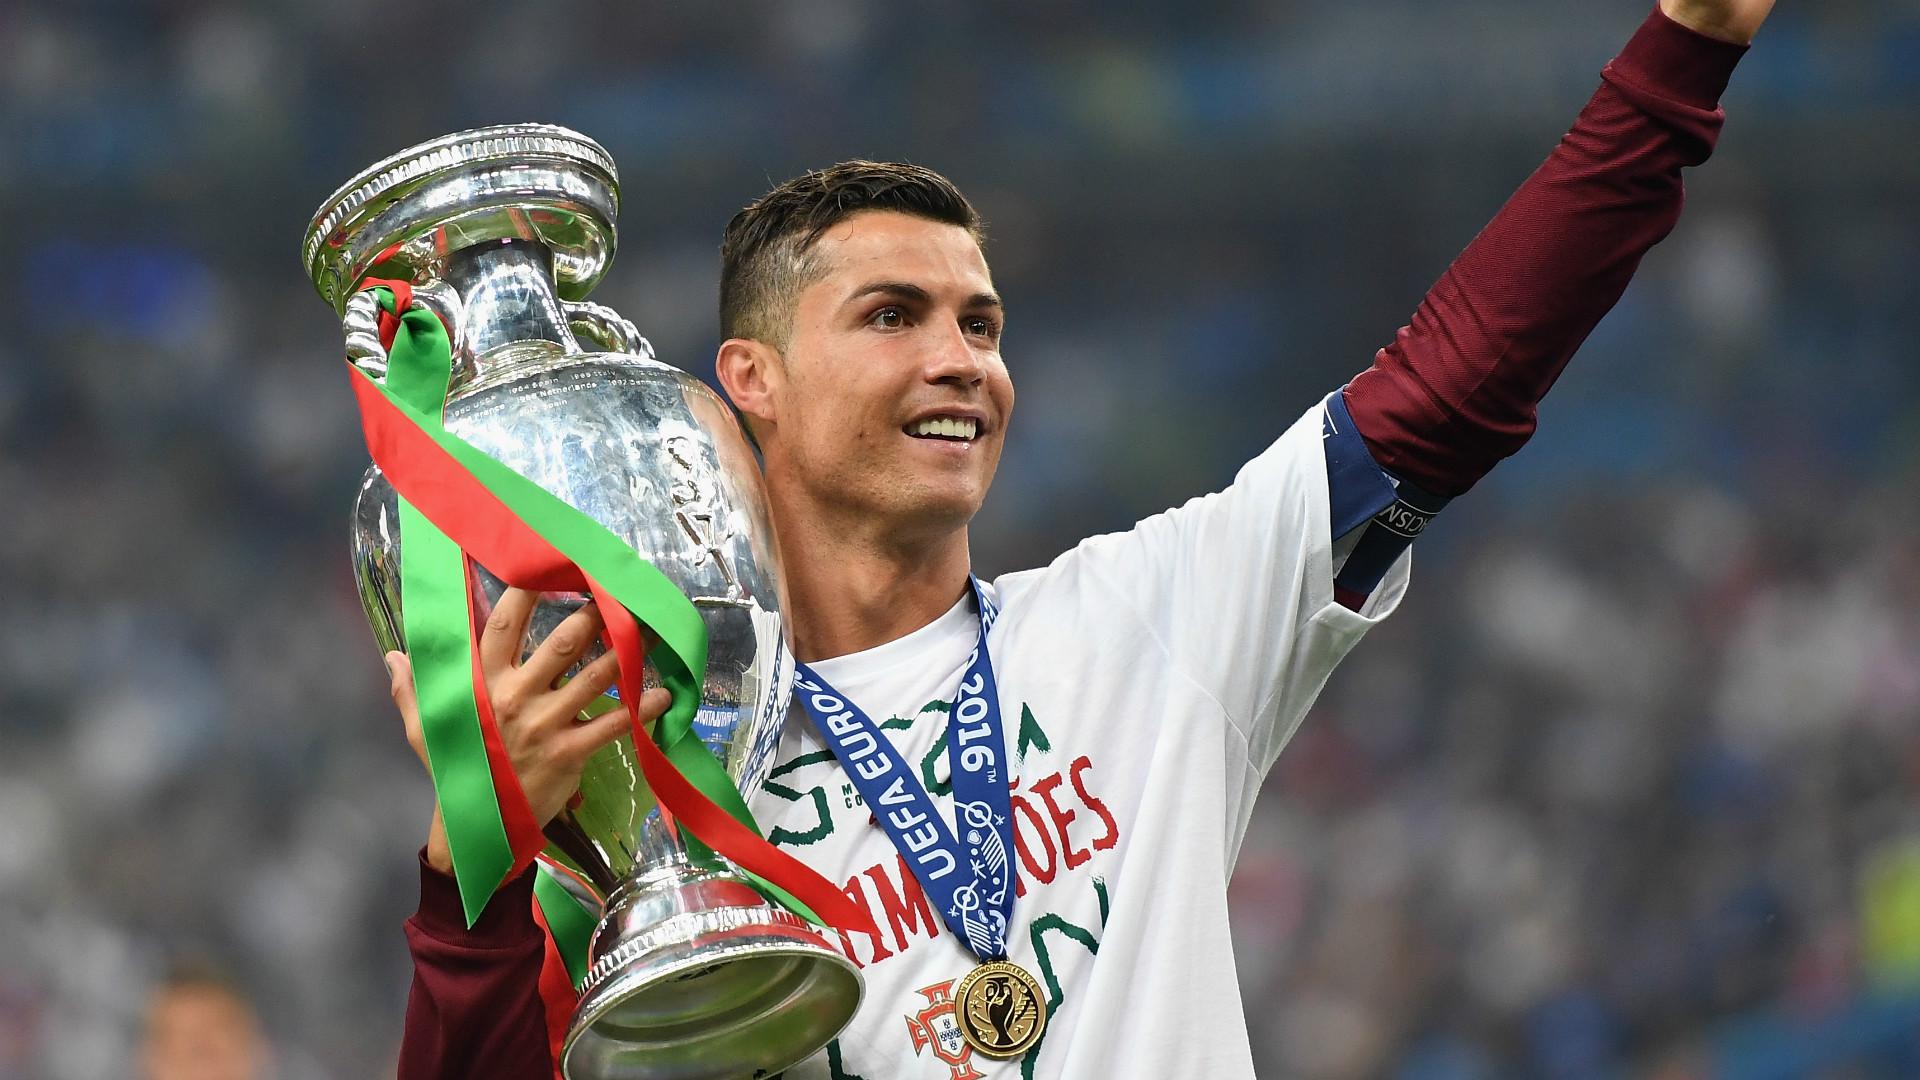 Cristiano Ronaldo com a Taça da Euro 2016.